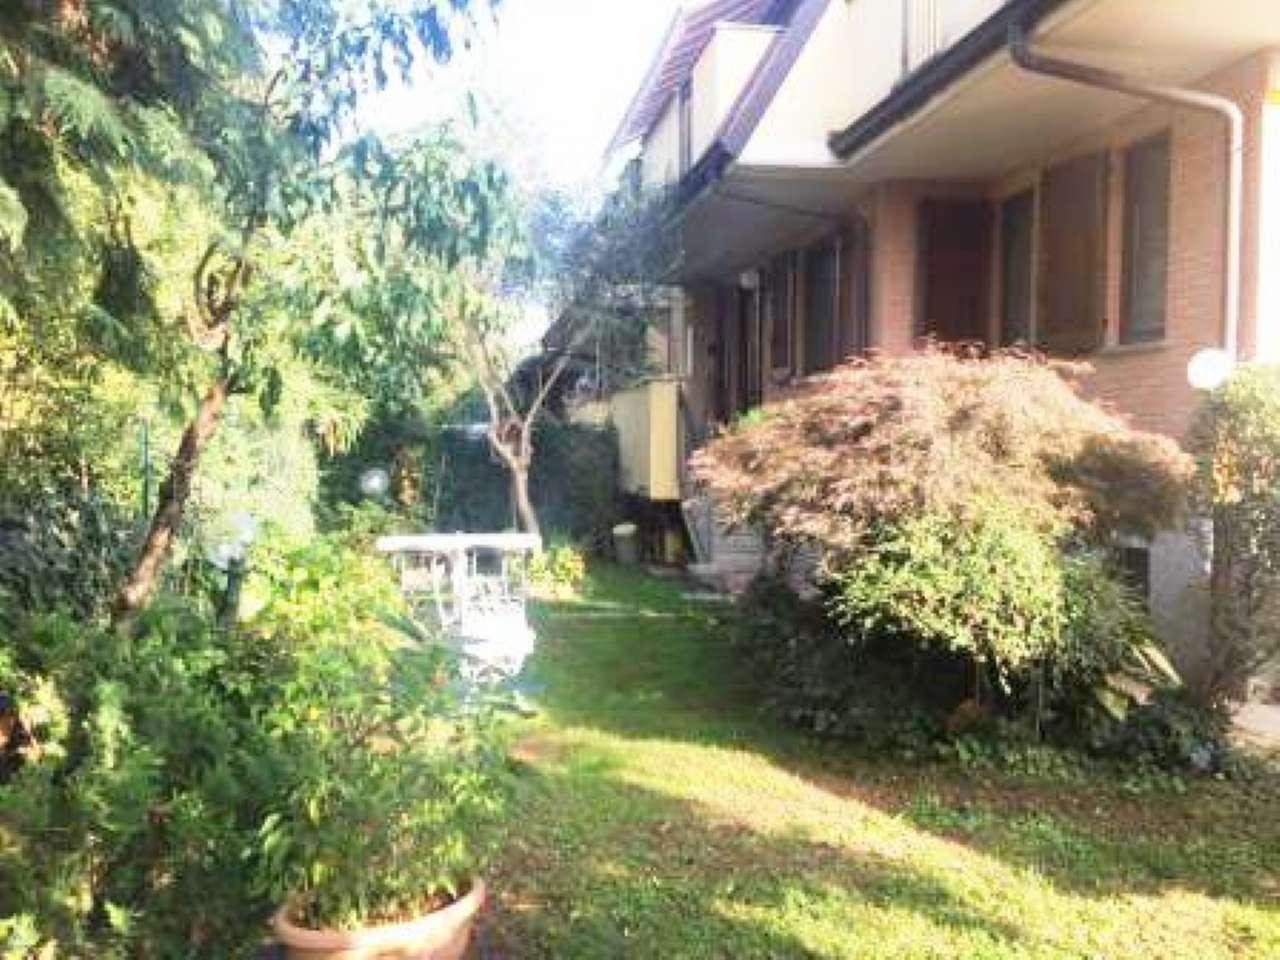 Appartamento in vendita a Gerenzano, 3 locali, prezzo € 185.000 | PortaleAgenzieImmobiliari.it